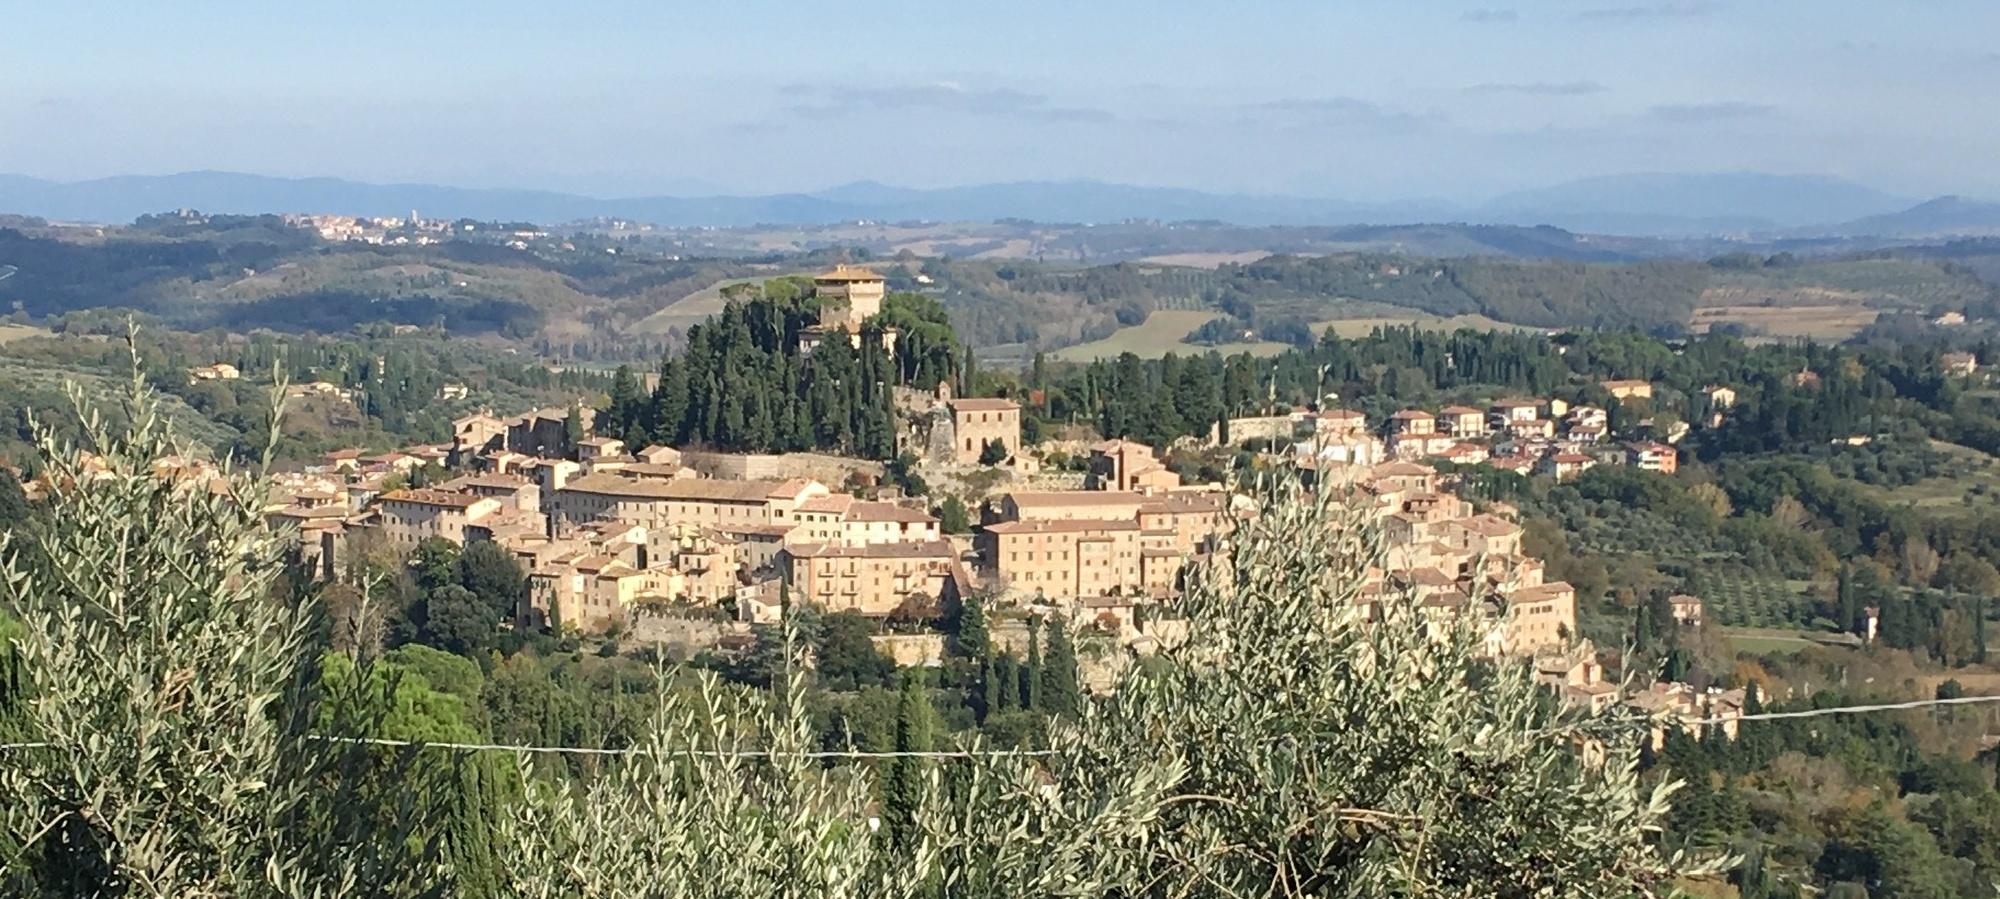 Cetona Borgo più Bello d'Italia